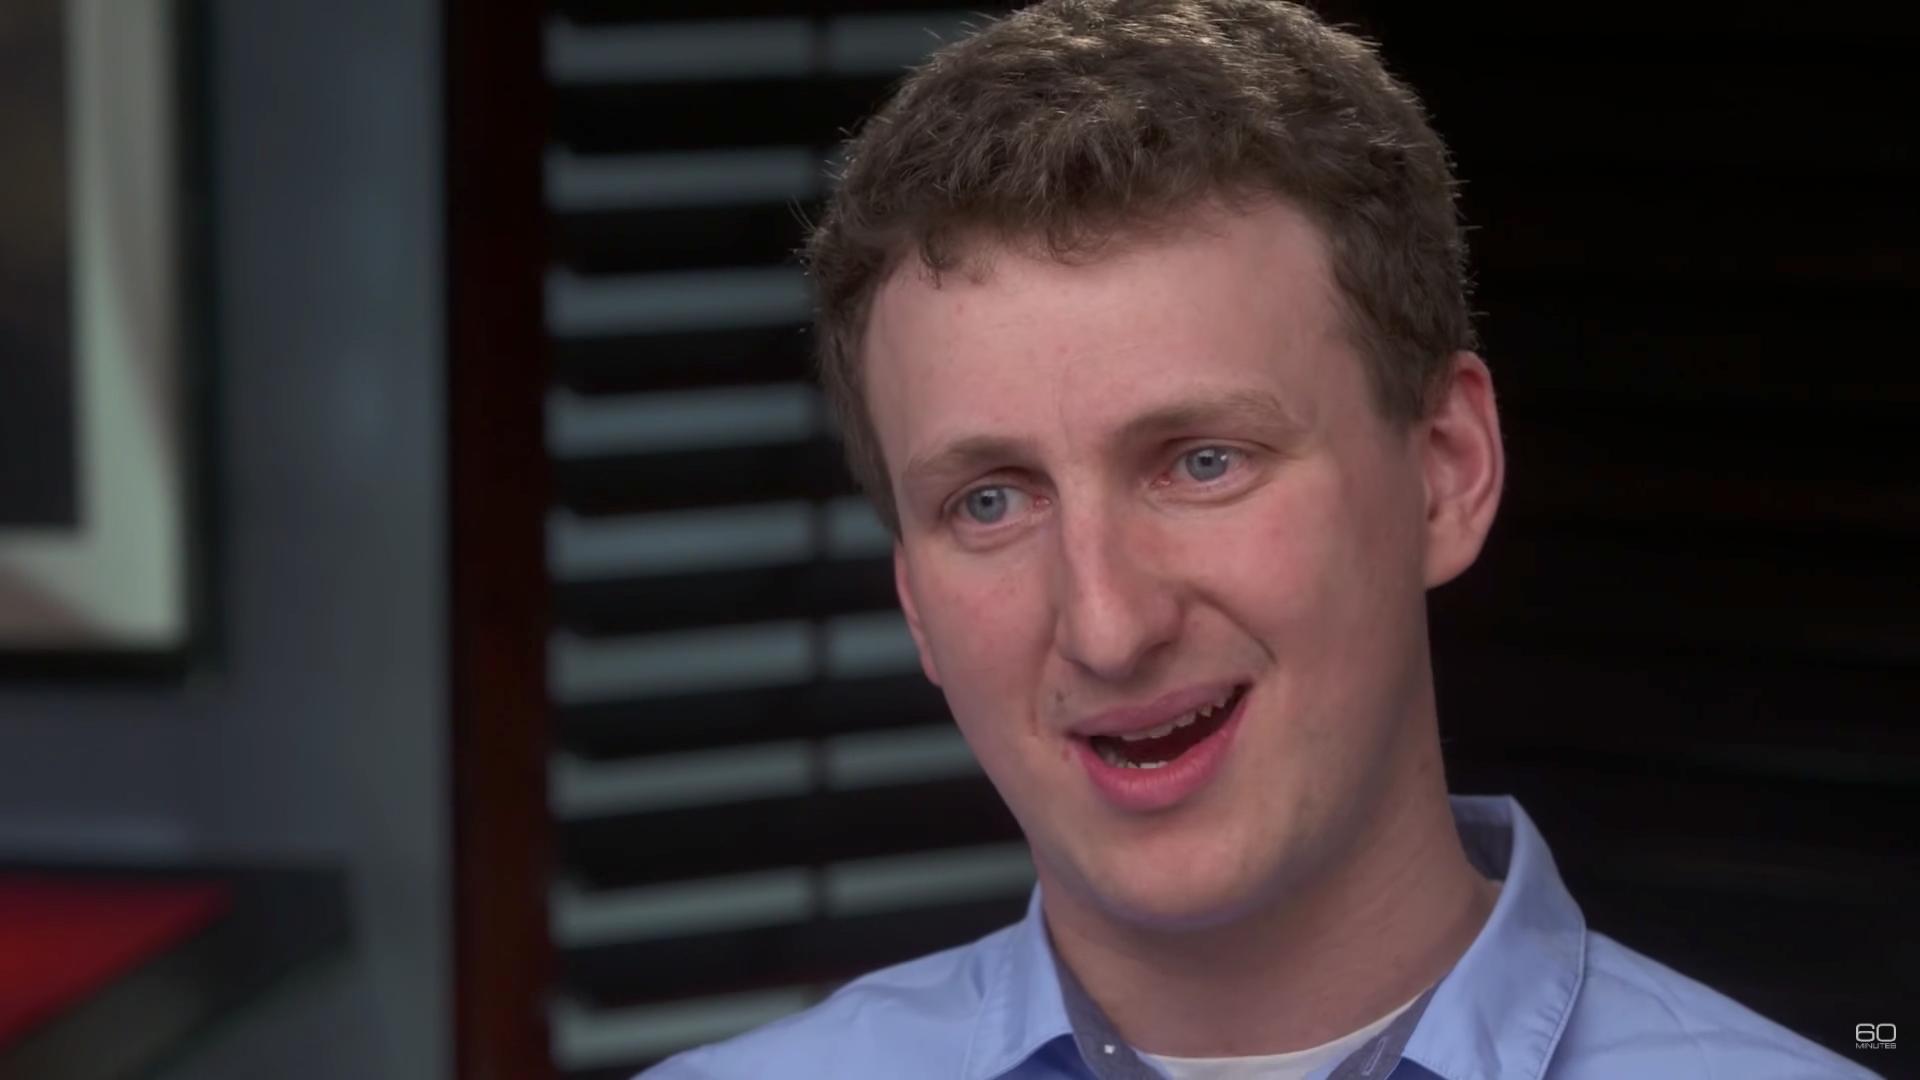 Researcher Aleksandr Kogan talks to CBS' 60 Minutes.